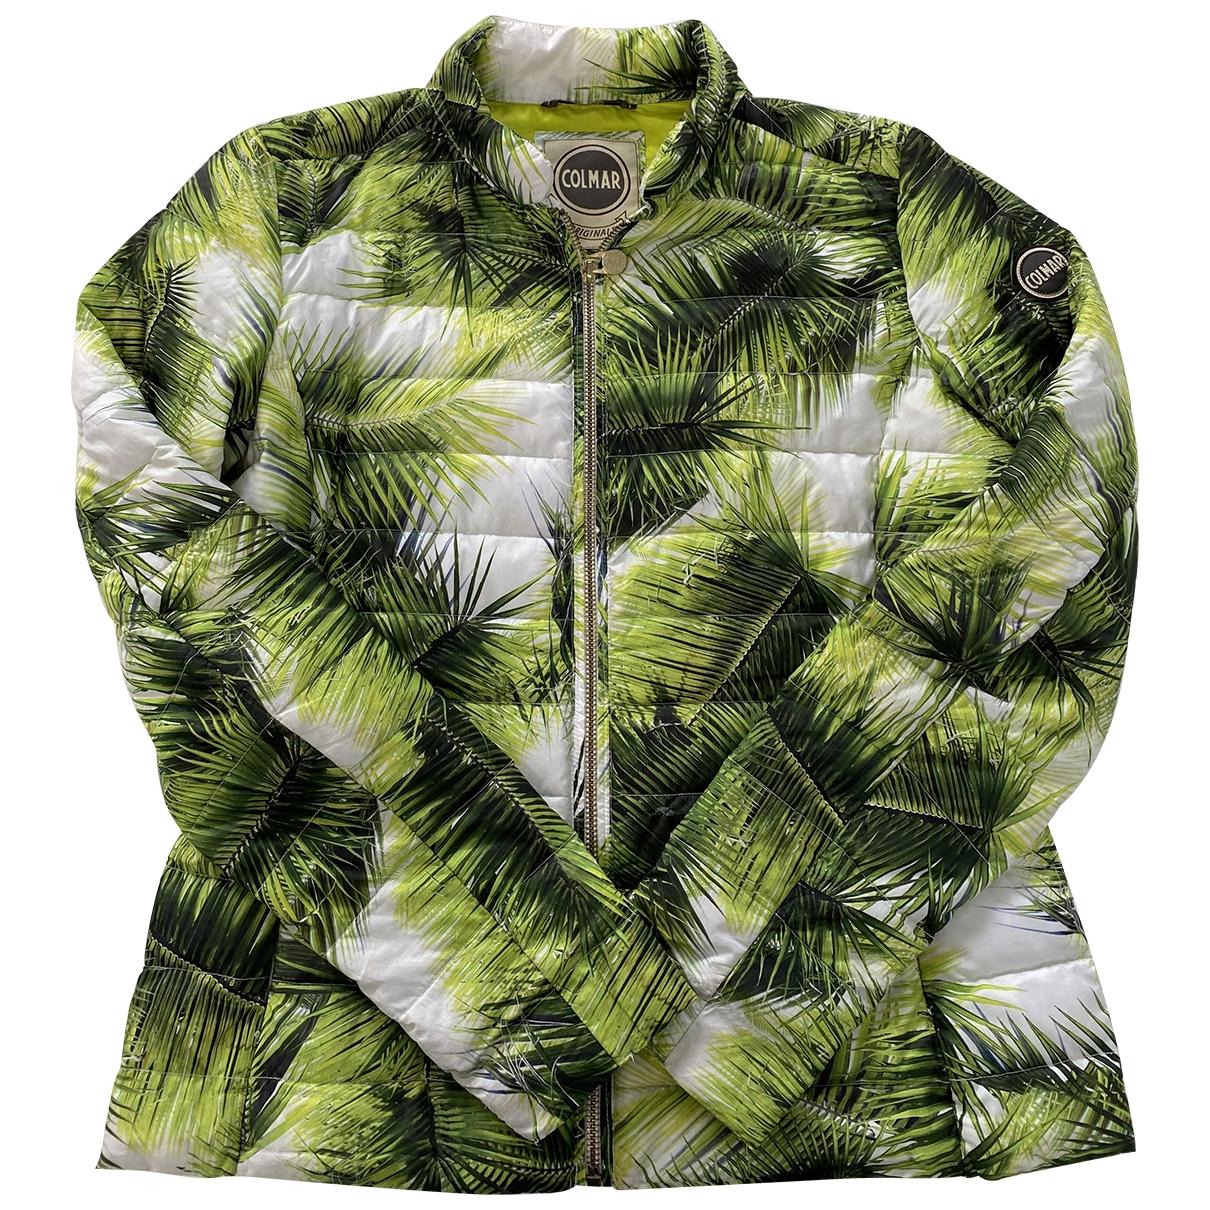 Colmar - Manteau   pour femme - multicolore